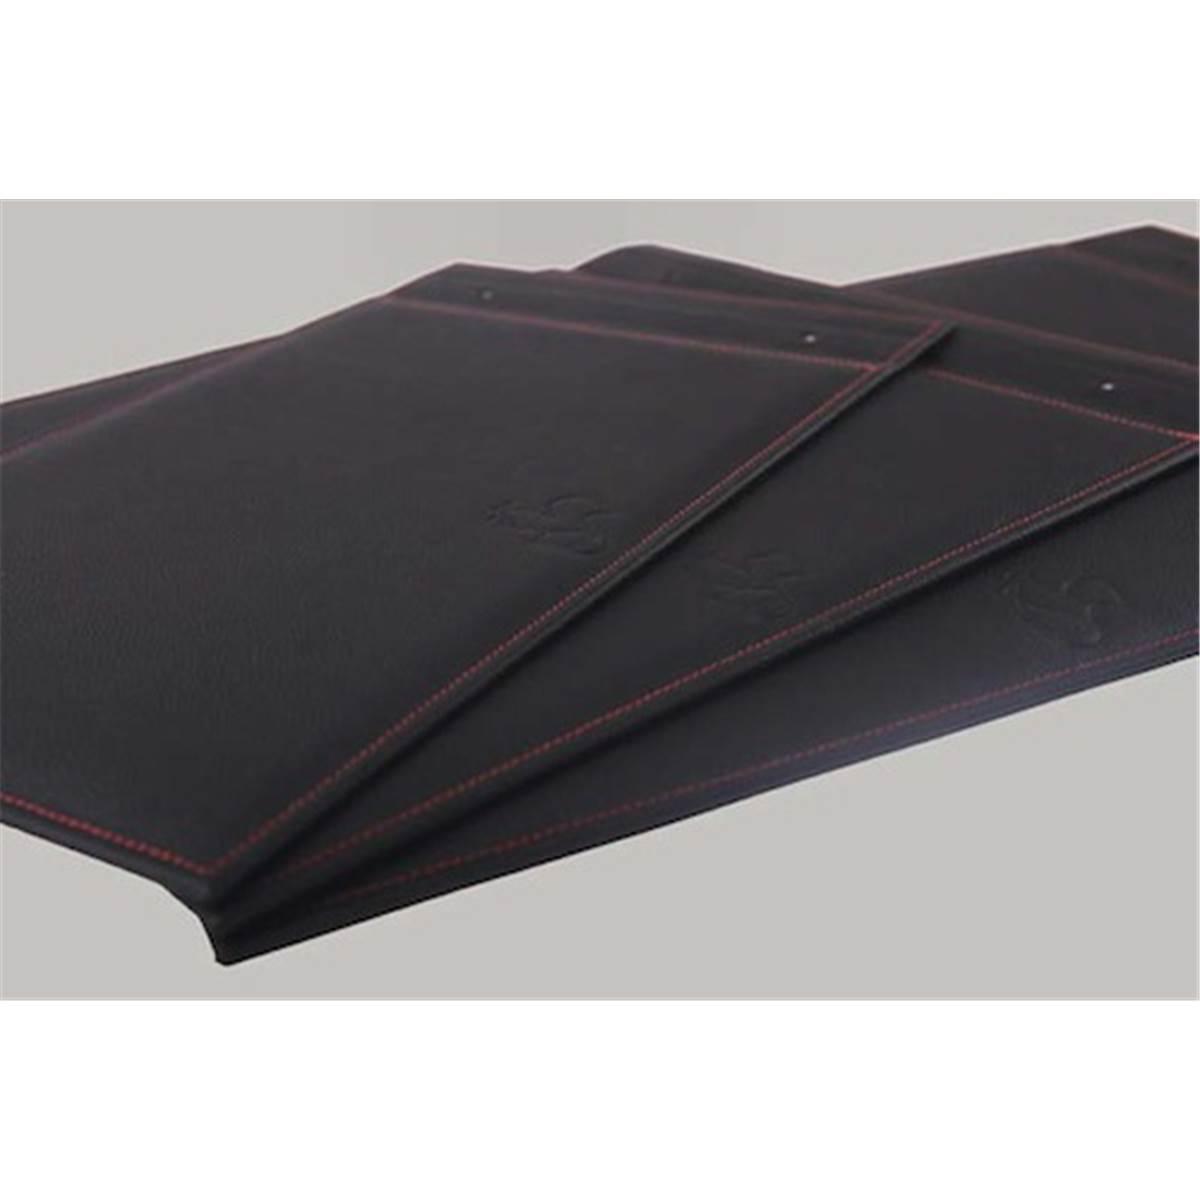 hahnem hle album photo cuir noir couture rouge a4 prophot. Black Bedroom Furniture Sets. Home Design Ideas